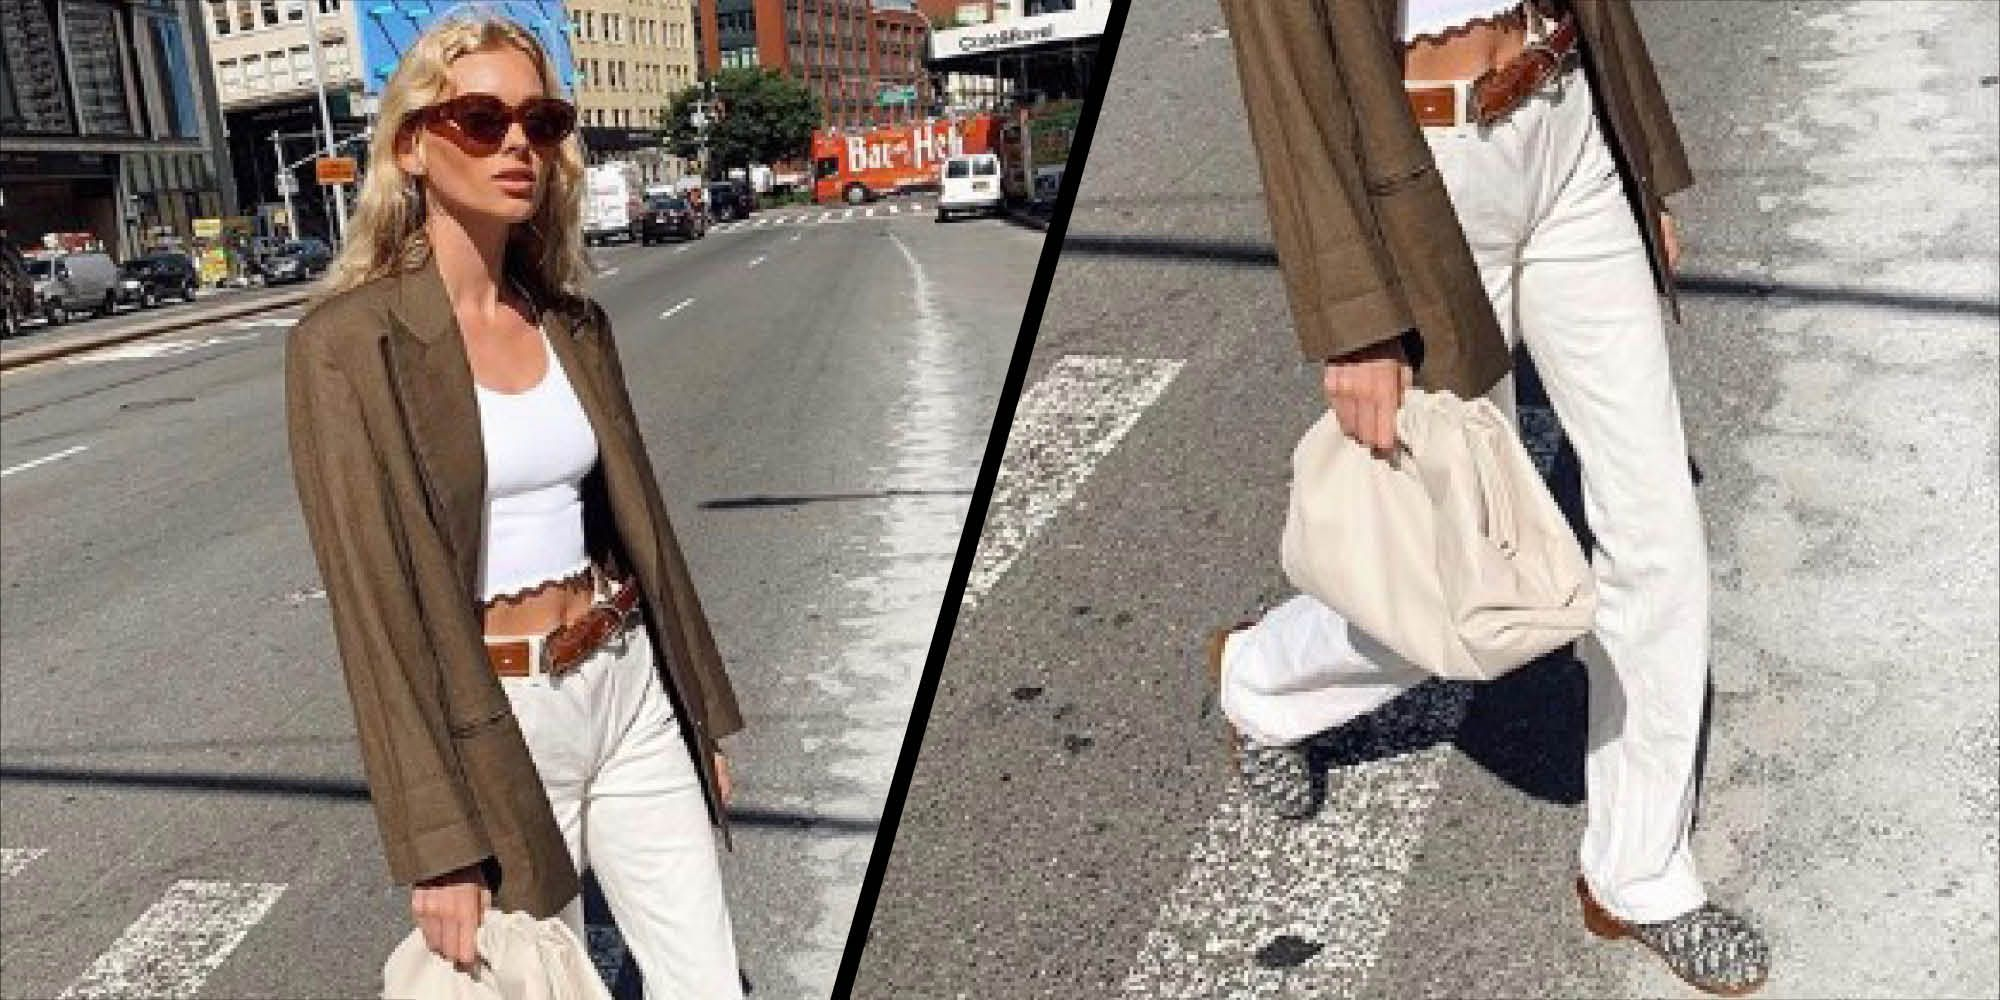 Elsa Hosk and Dior are bringing back